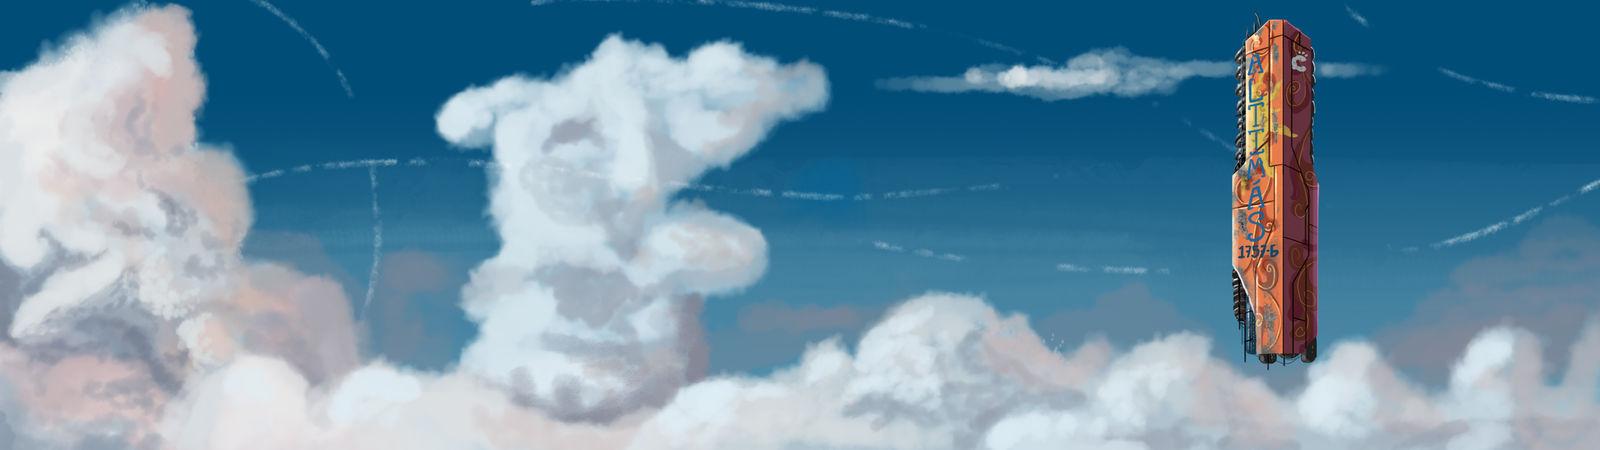 Skyline by seventozen